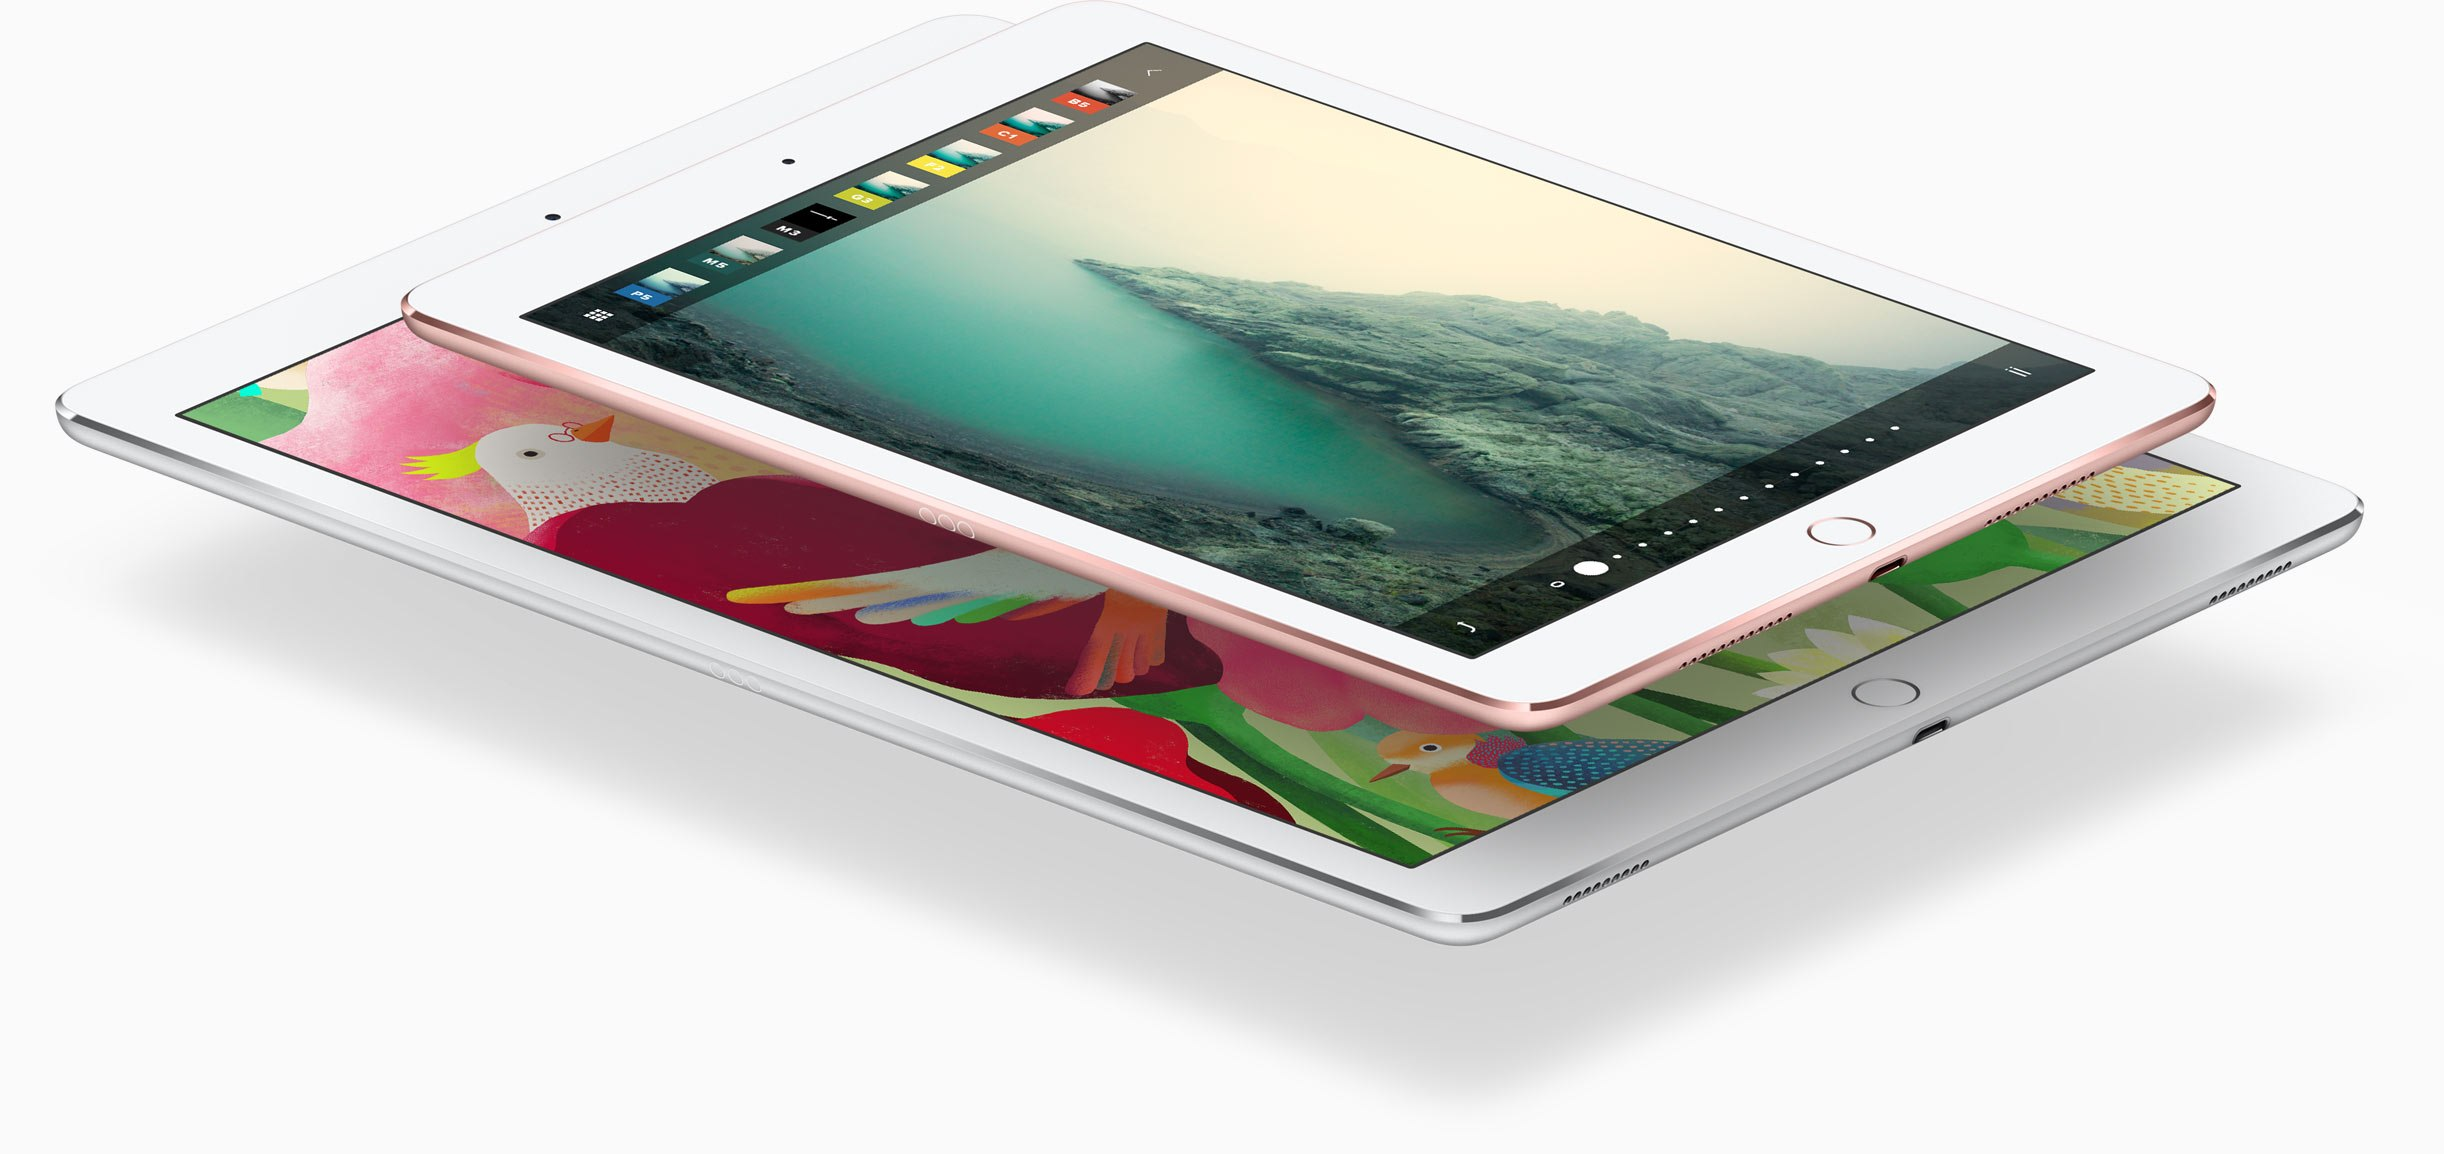 4 nouveaux iPad Pro en mars ? Tout ce qu'on en sait